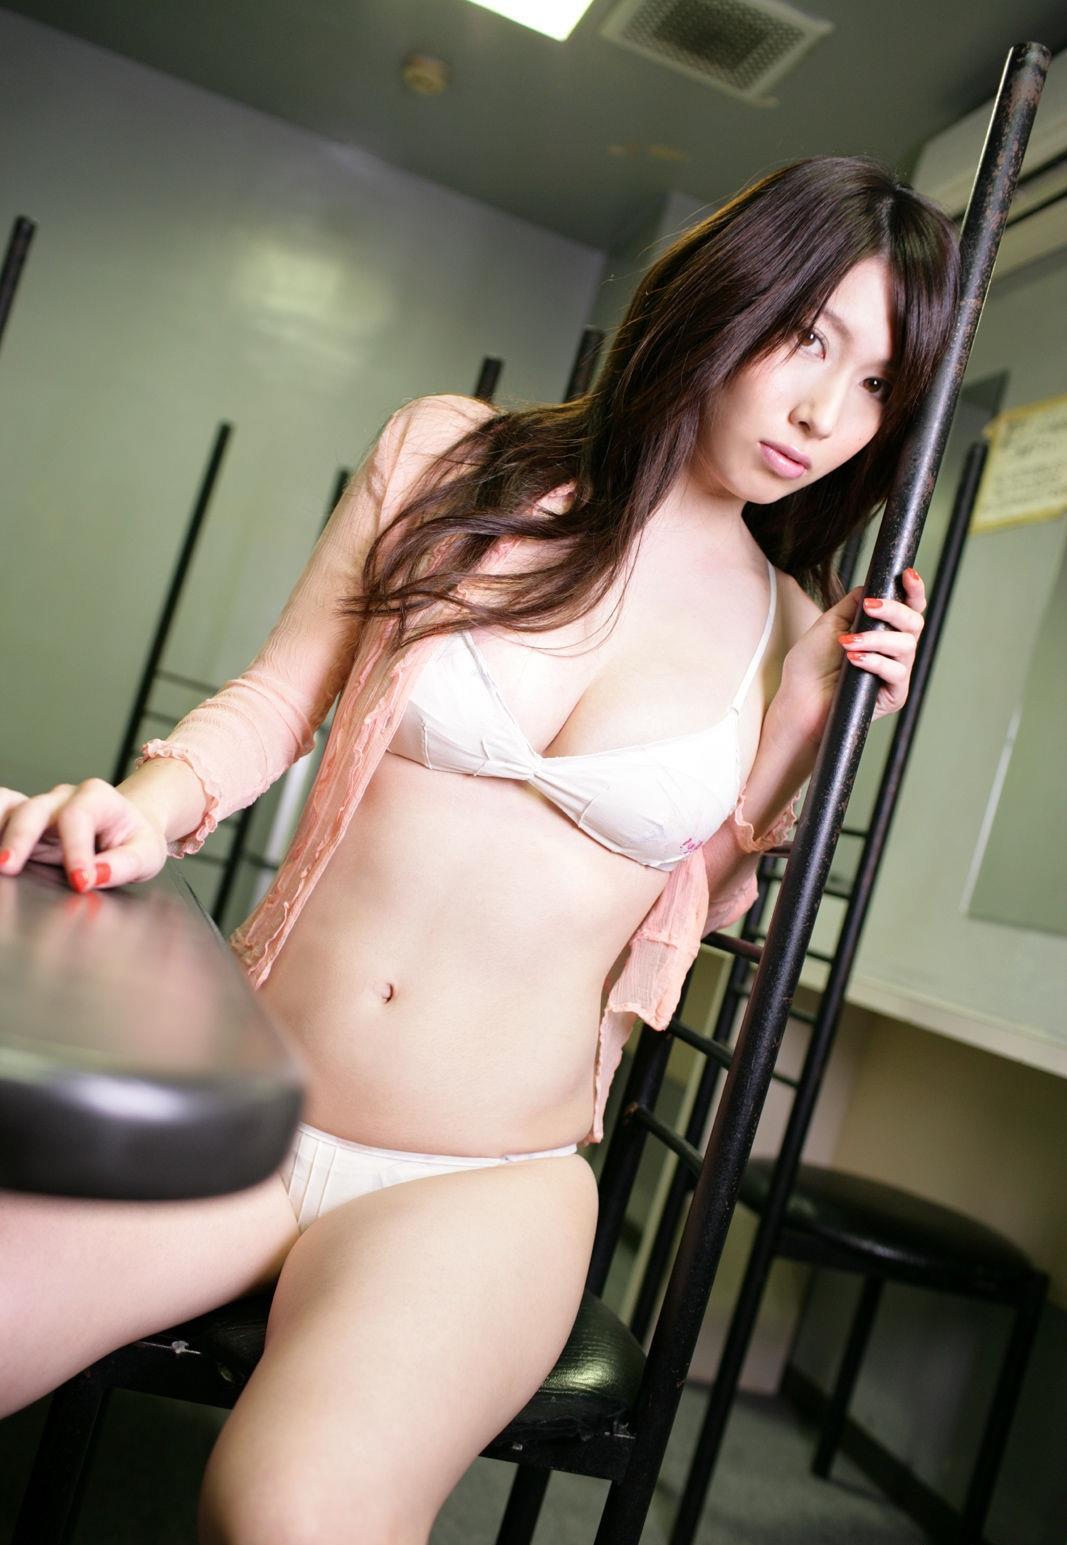 小林恵美 画像 3